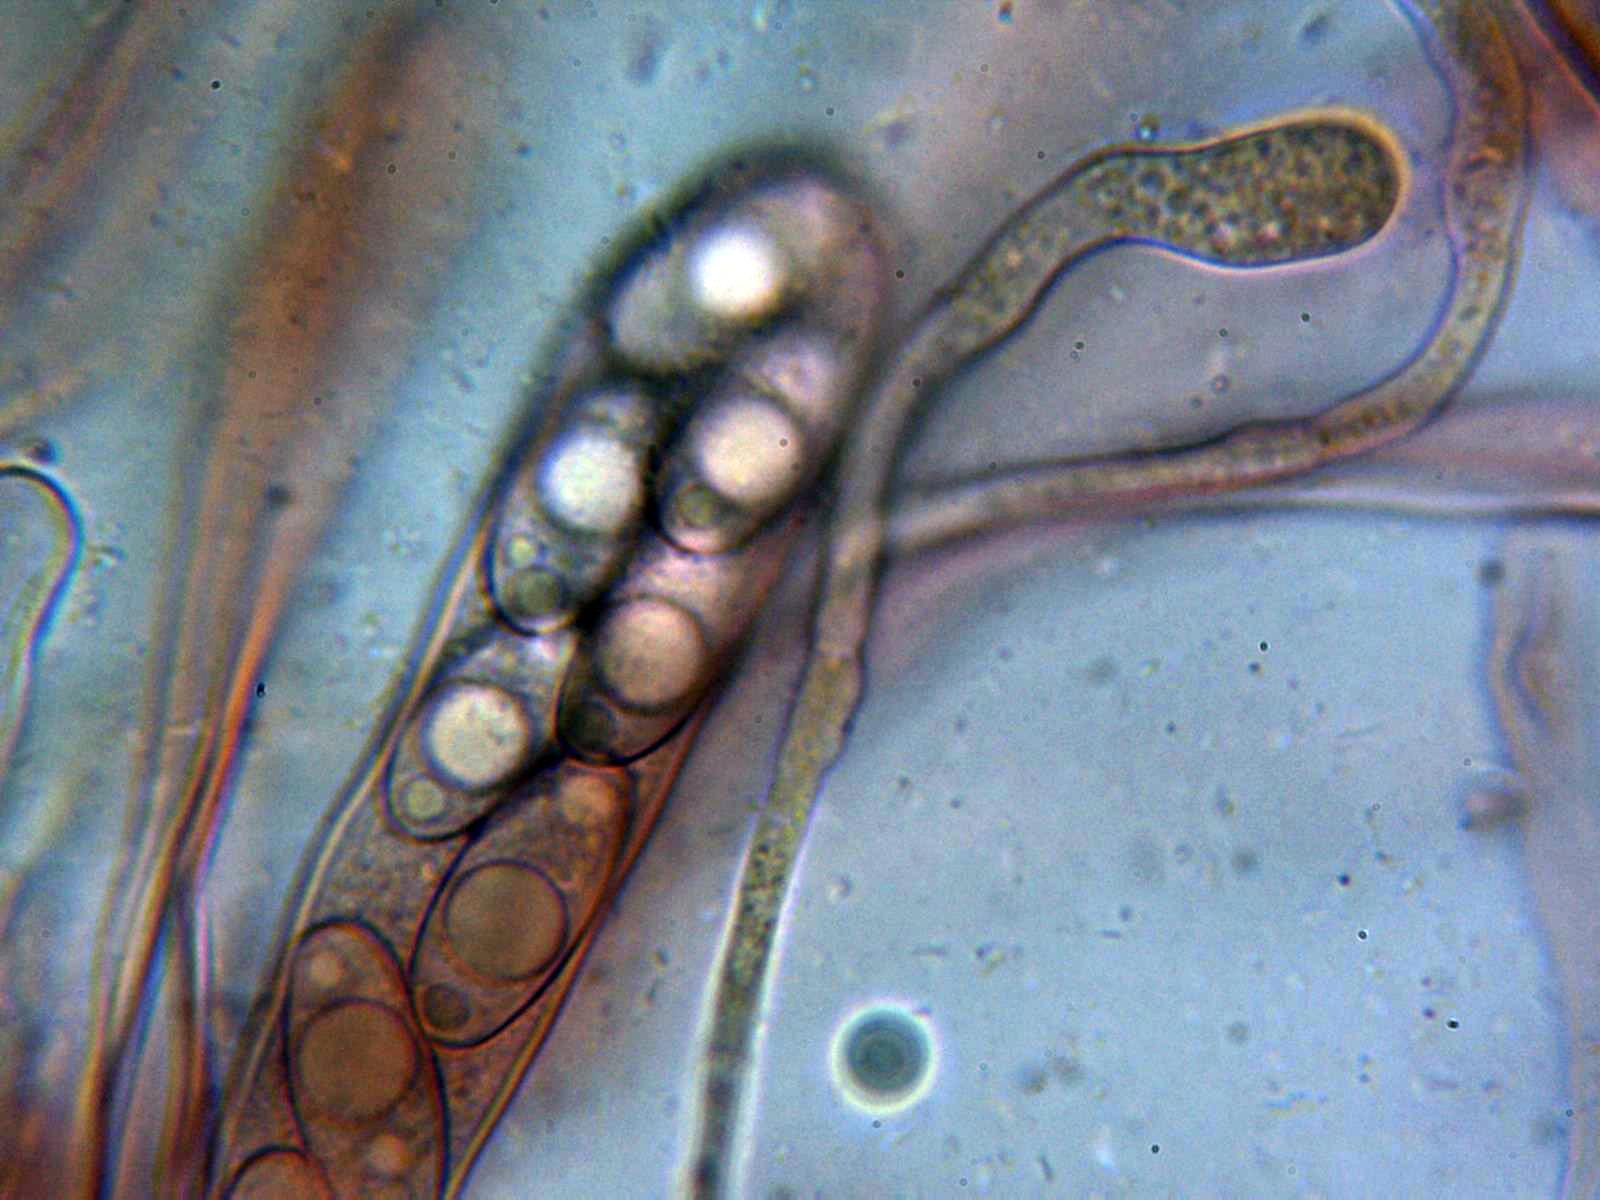 Ascayparfisis.jpg